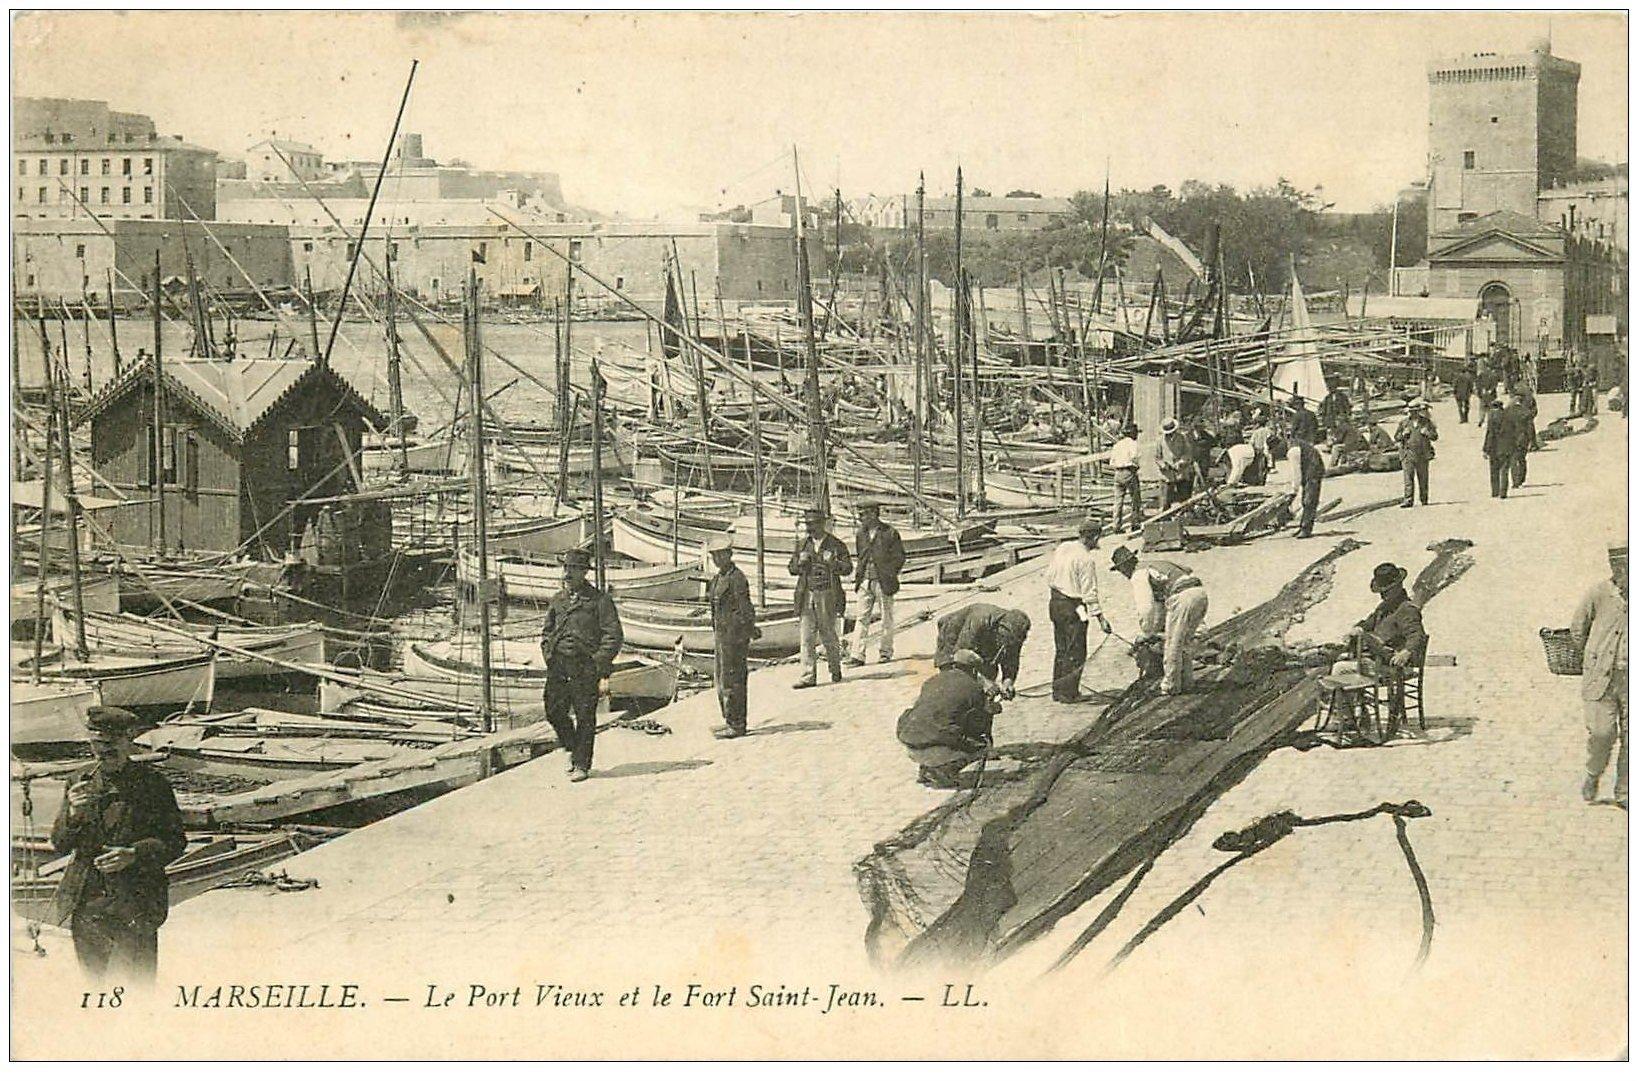 13 marseille port vieux et fort saint jean 1906 - Parking vieux port fort saint jean marseille ...